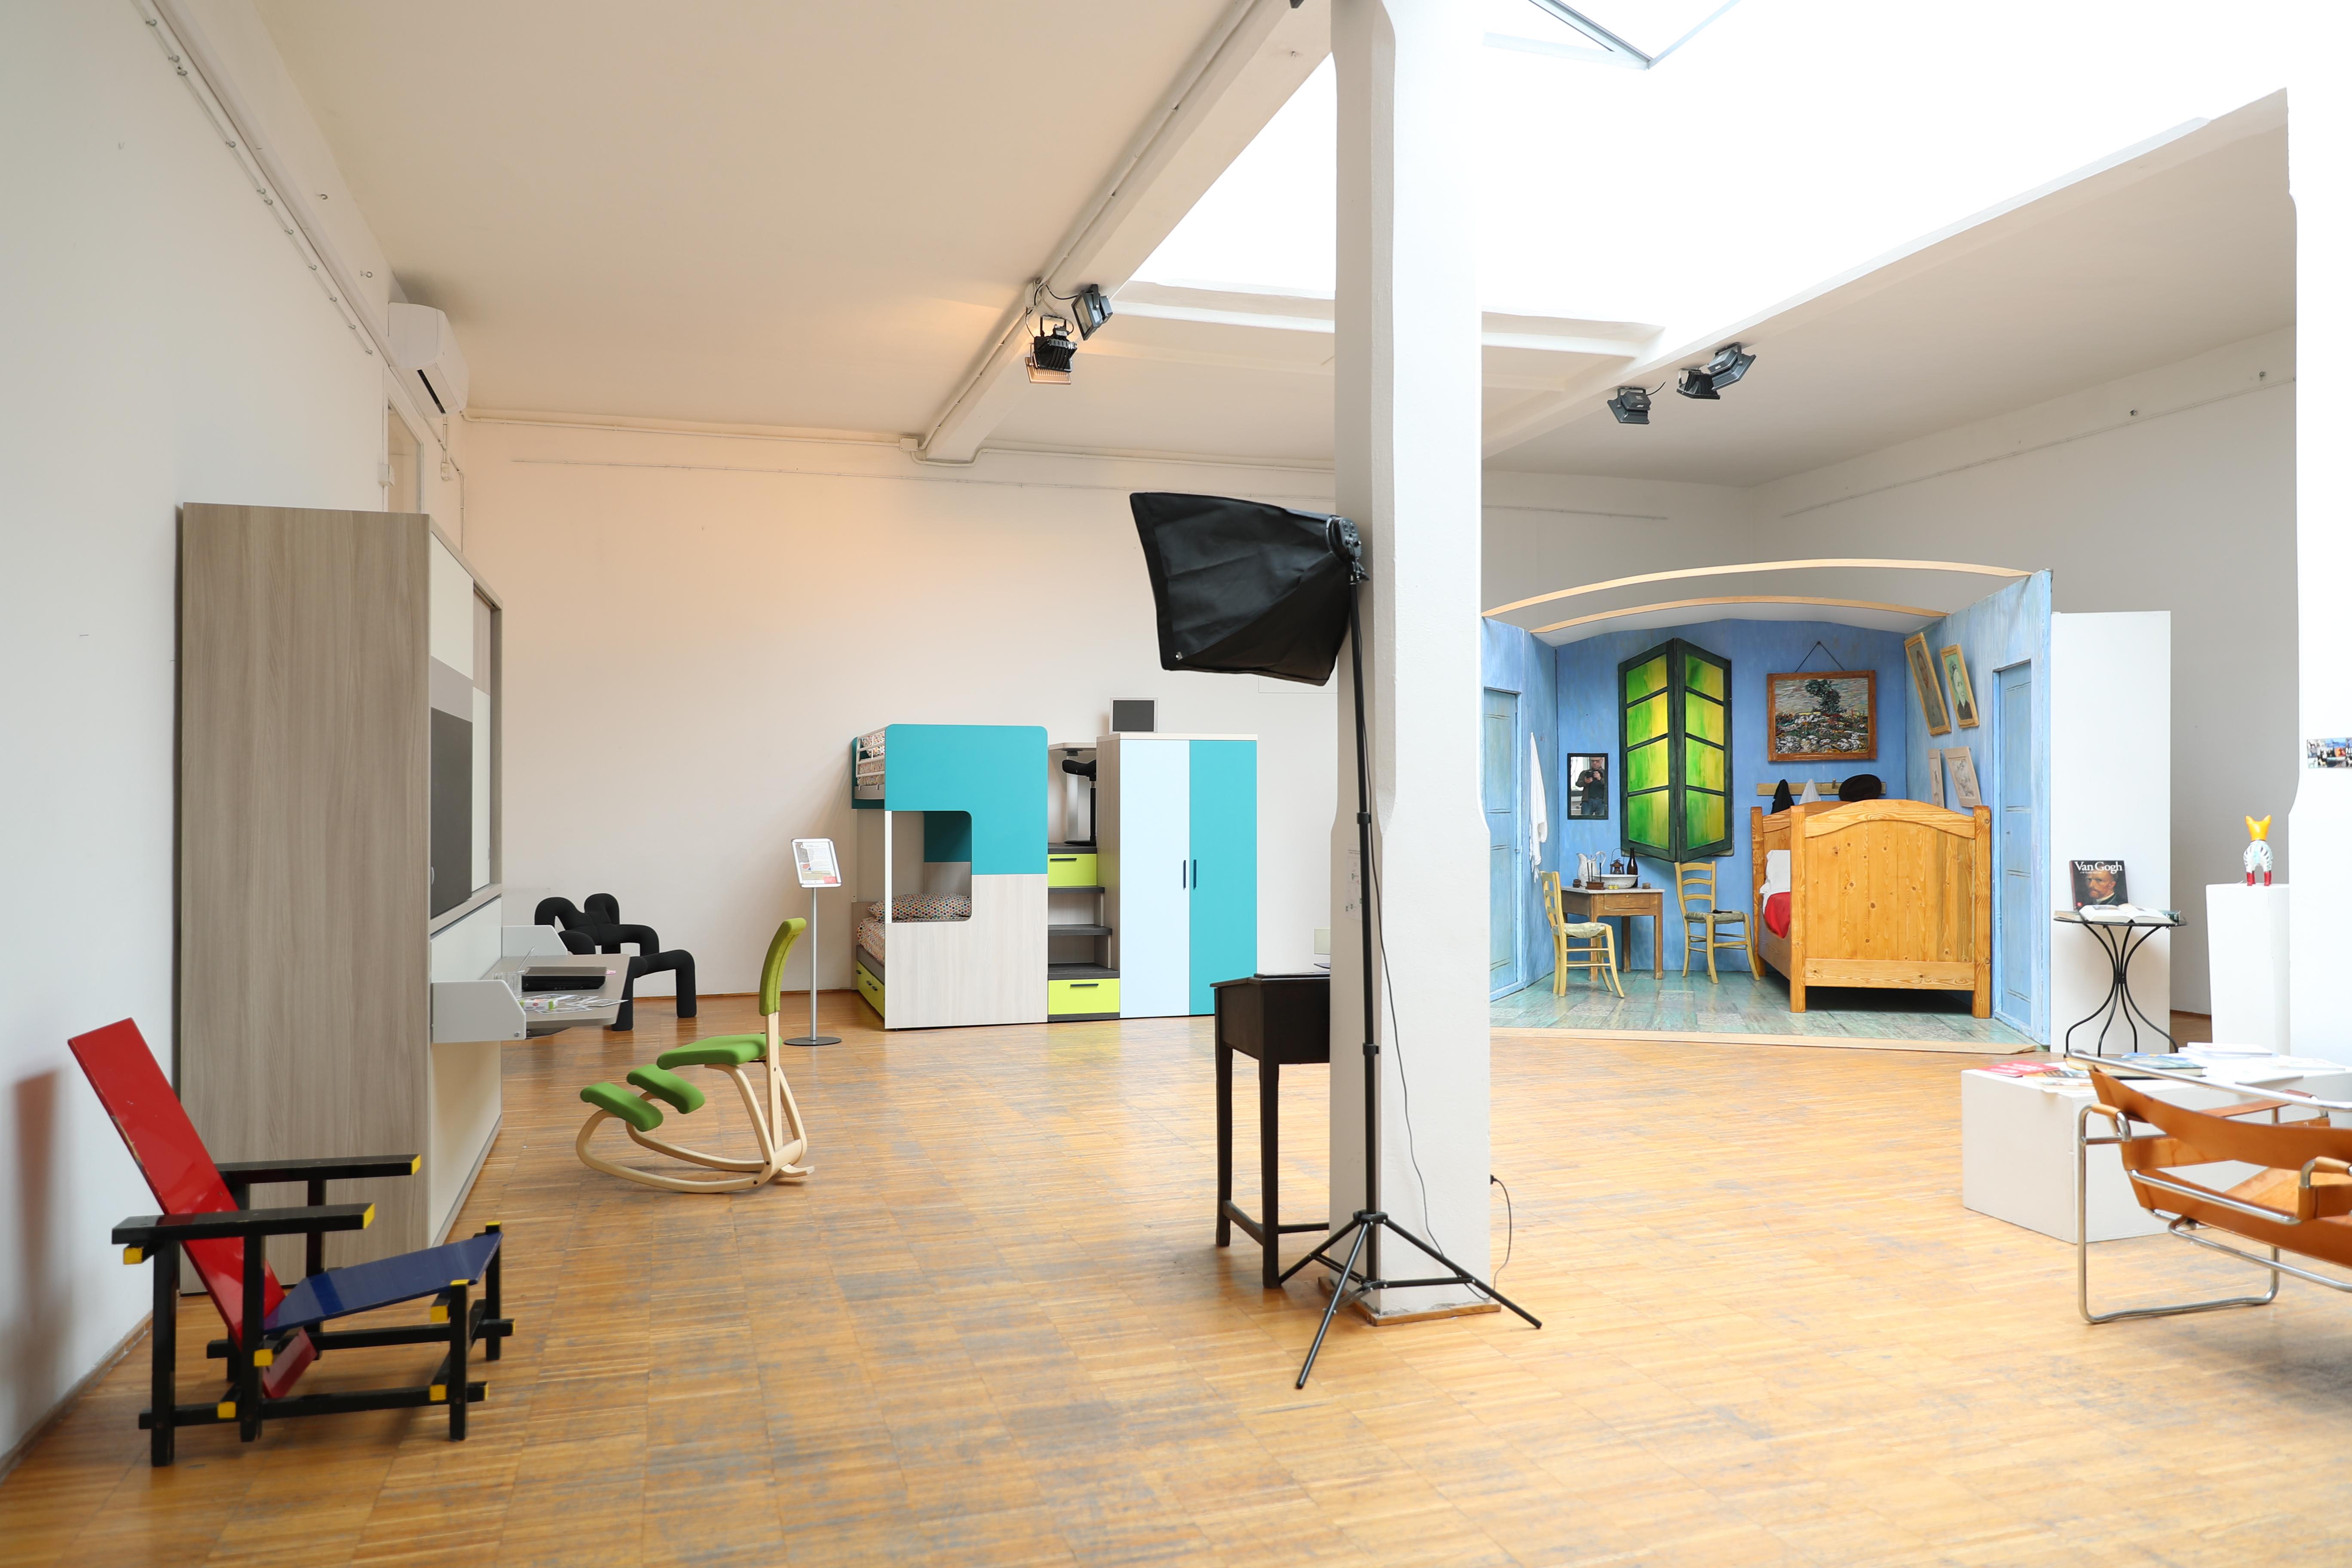 la camera da letto di van gogh nella casa museo | SPAZIO TADINI